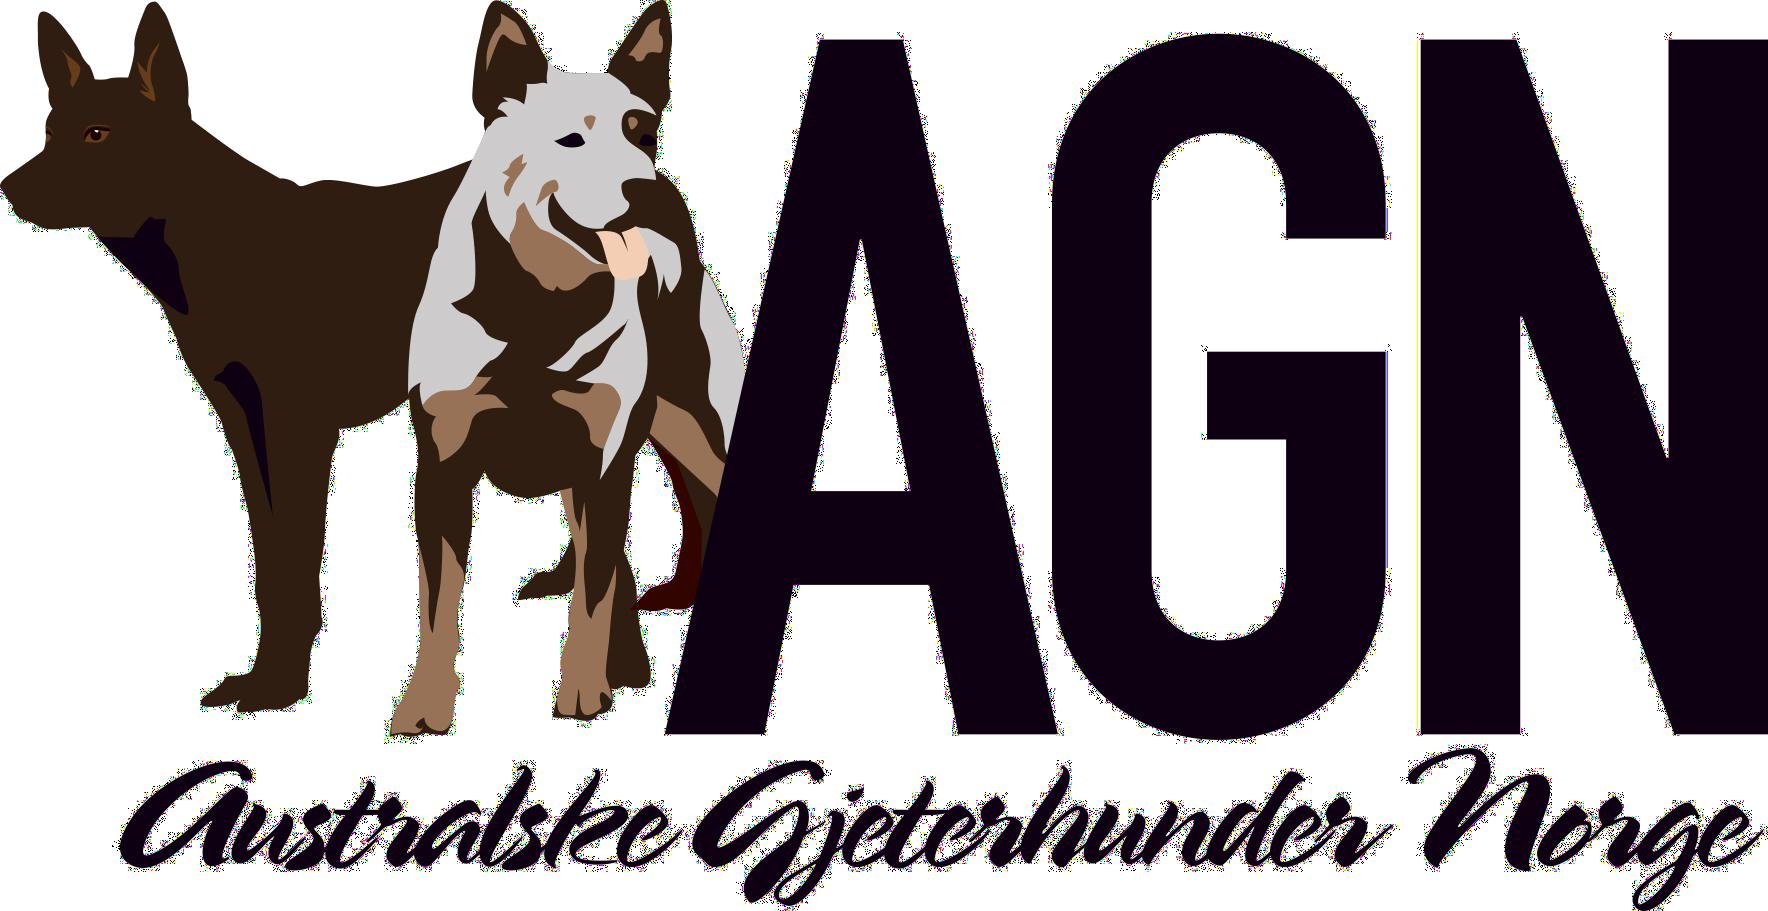 Australske Gjeterhunder Norge